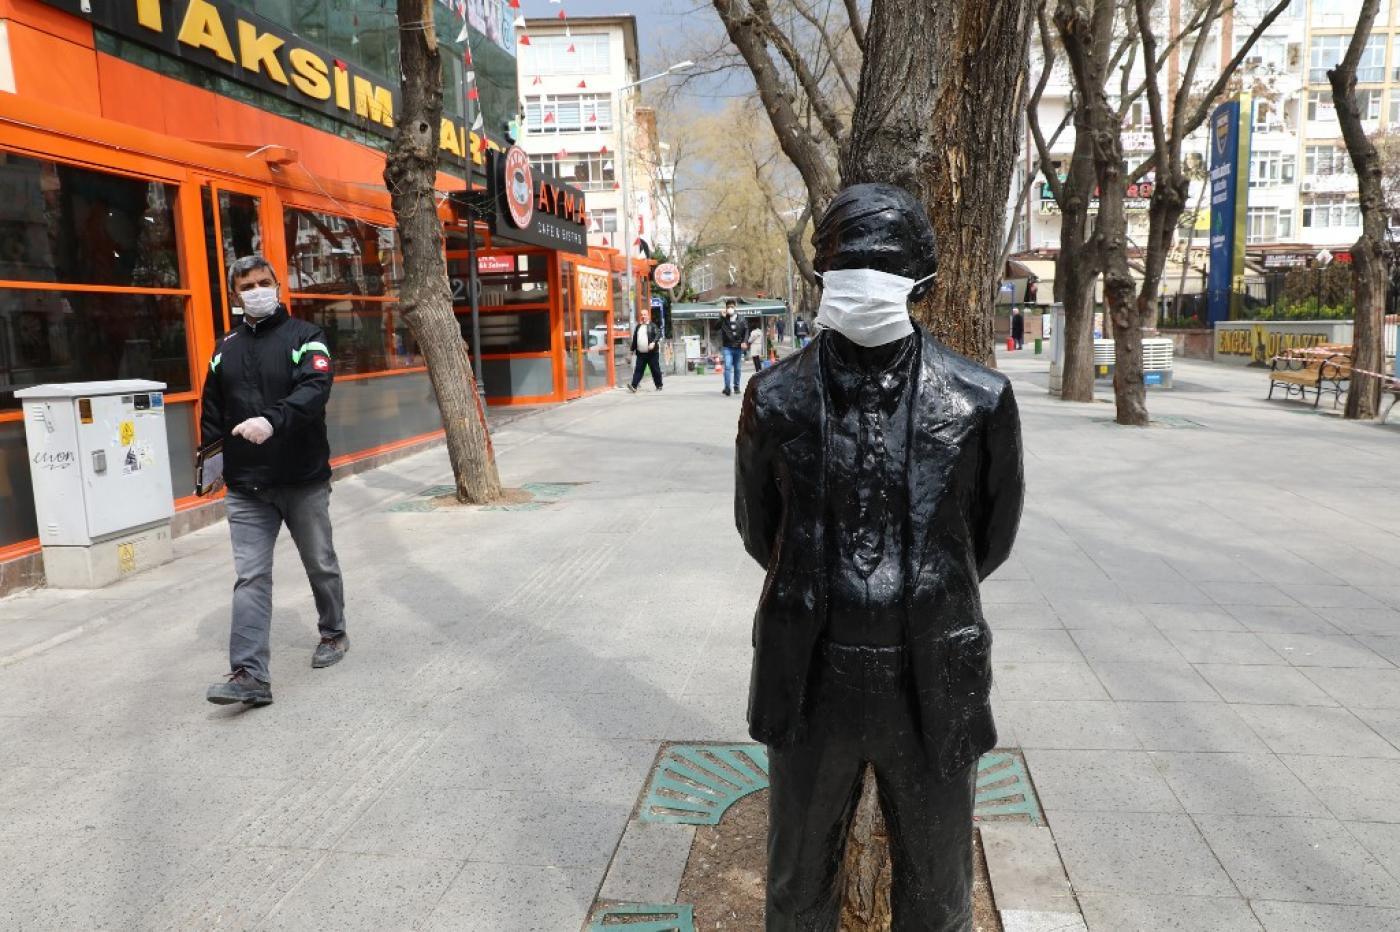 Coronavirus: Why Conspiracy Theories Have Taken Root in Turkey